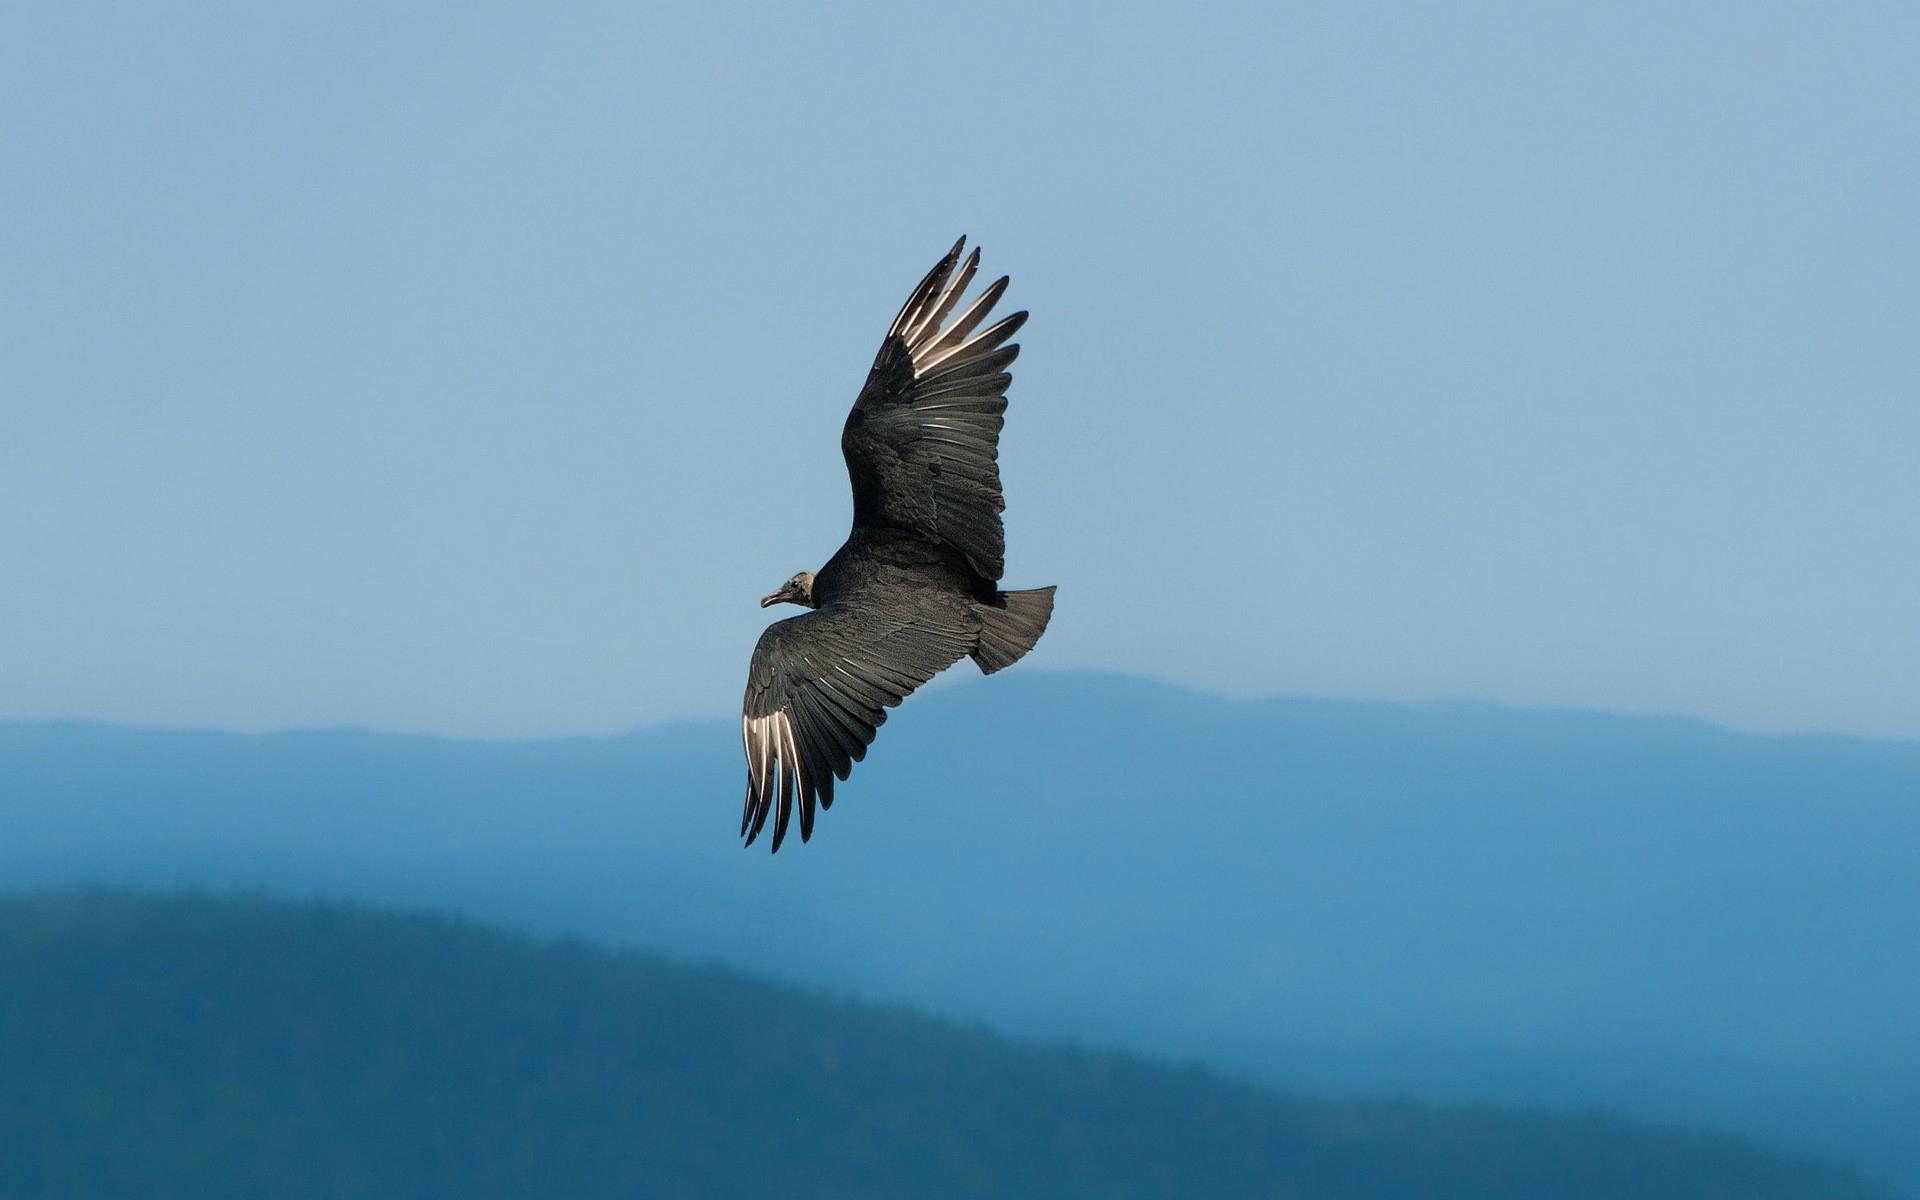 75+ Gambar Burung Rajawali Terbang Gratis Terbaru